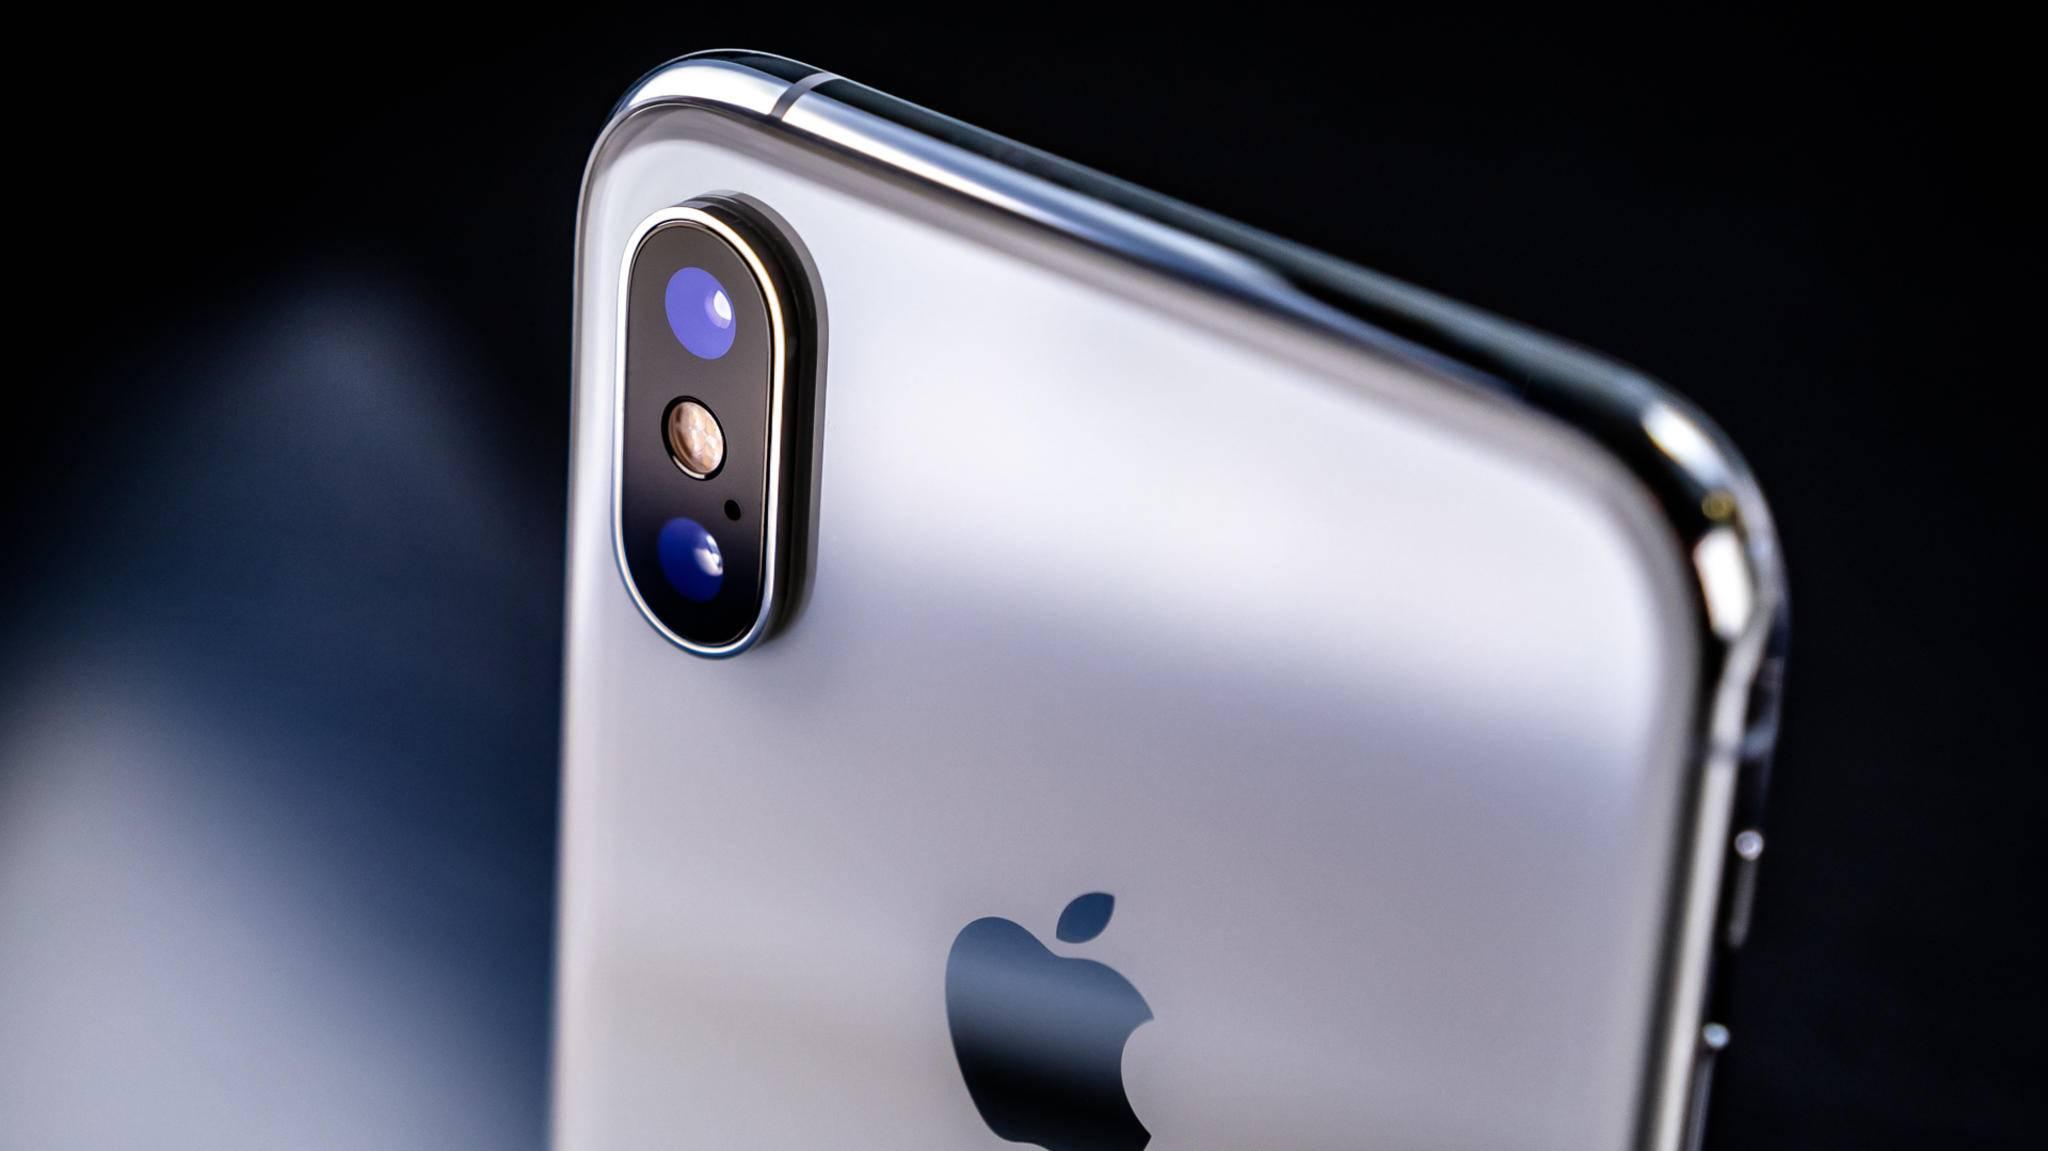 Einige iPhone-Nutzer haben durch iOS 12.1.1 massive Probleme mit der Mobilfunkverbindung.